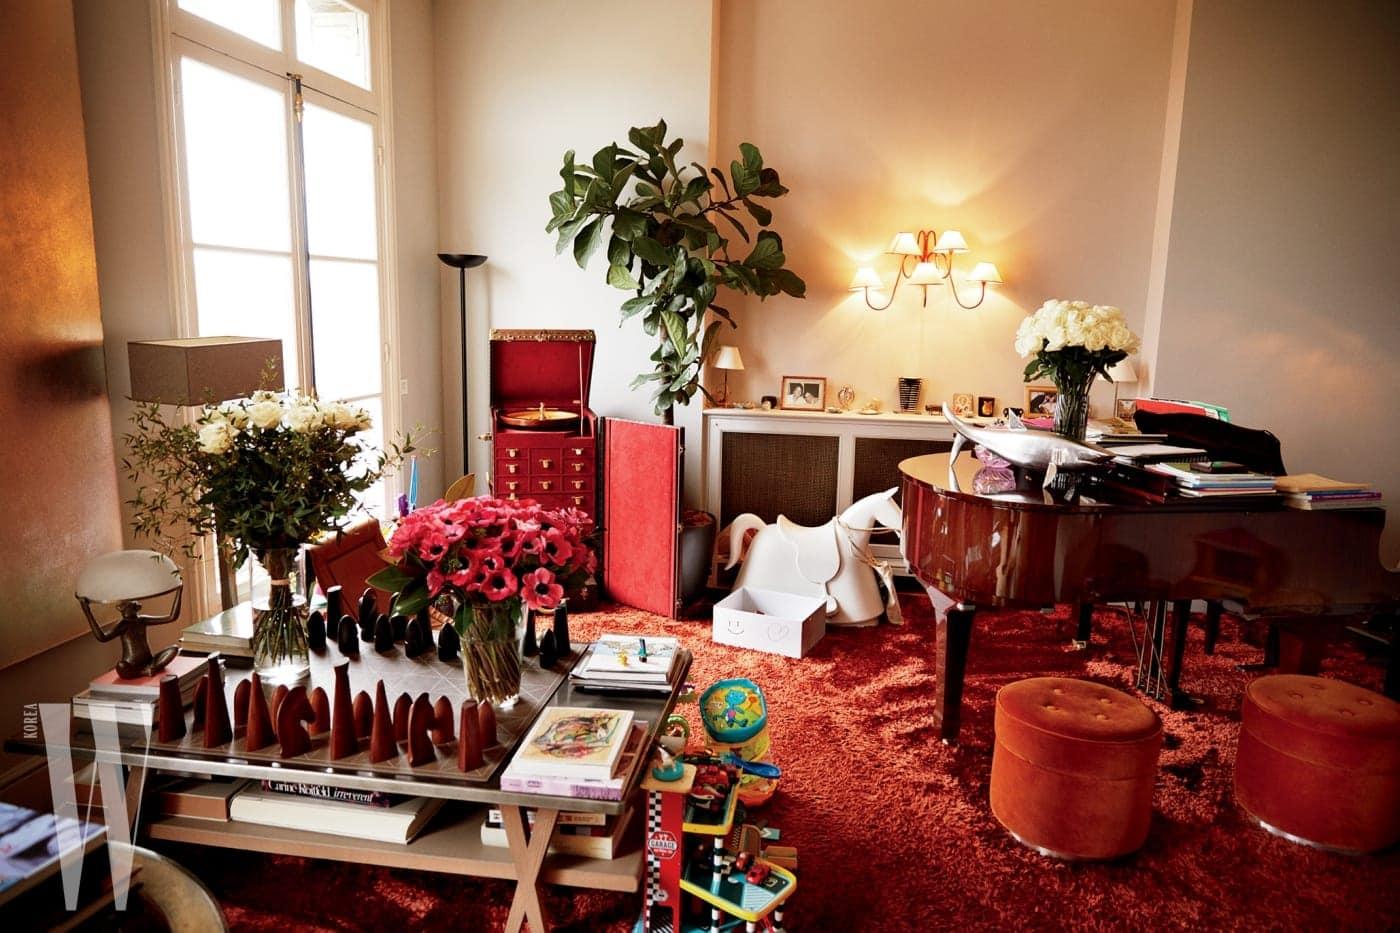 책과 꽃은 이렇게 집 안 전체에 널려 있다. 거실은 아이들에게 점령당하는 것이 일상.